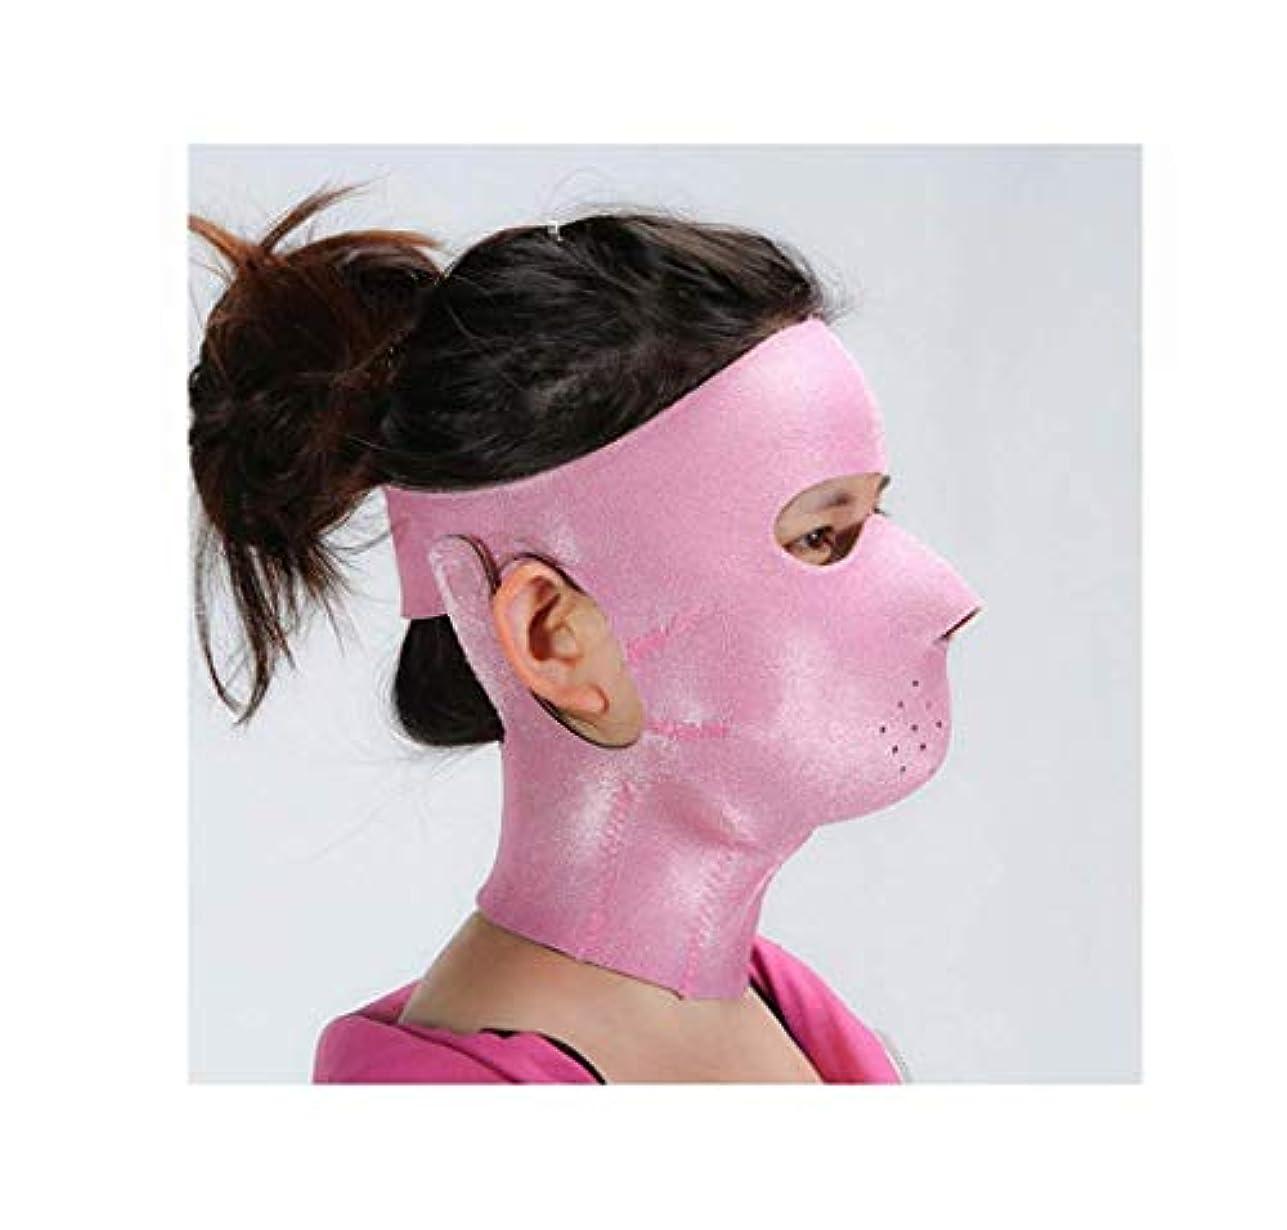 保持する権威ランプフェイスリフトマスク、フェイシャルマスクプラス薄いフェイスマスクタイトなたるみの薄いフェイスマスクフェイシャル薄いフェイスマスクアーティファクトビューティーネックストラップ付き